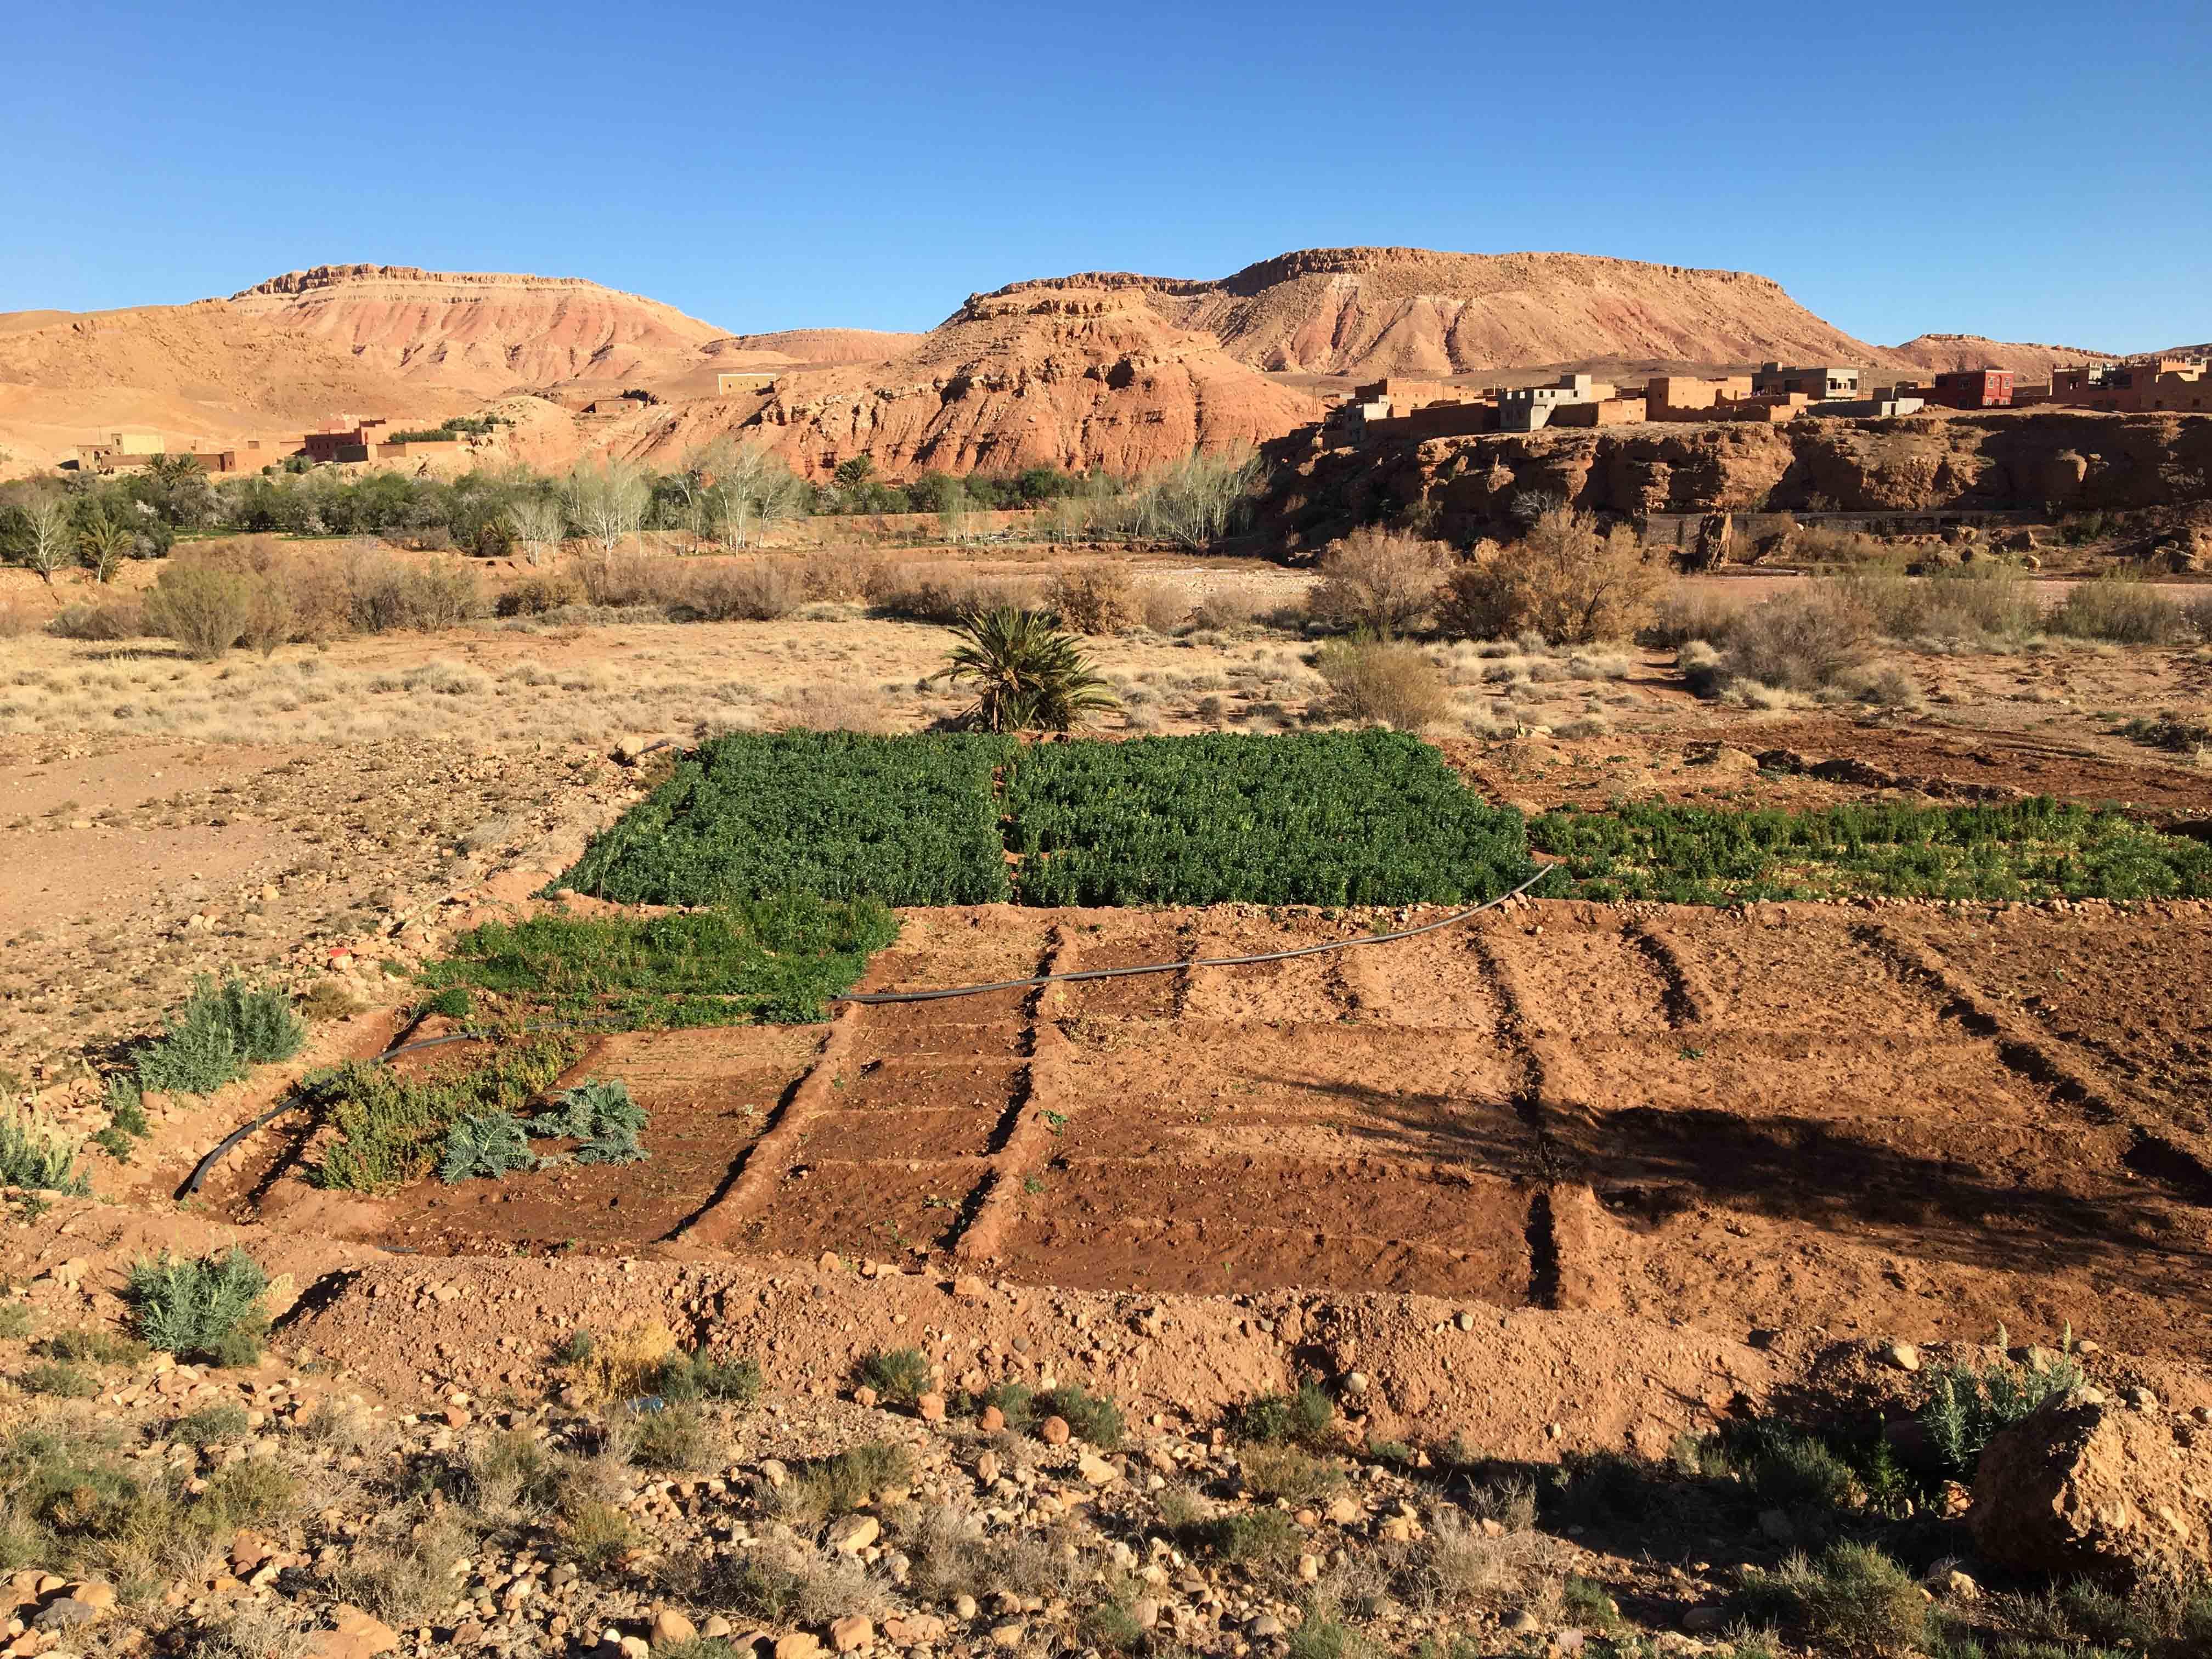 legumesbio-jardins-kasbahtitrit